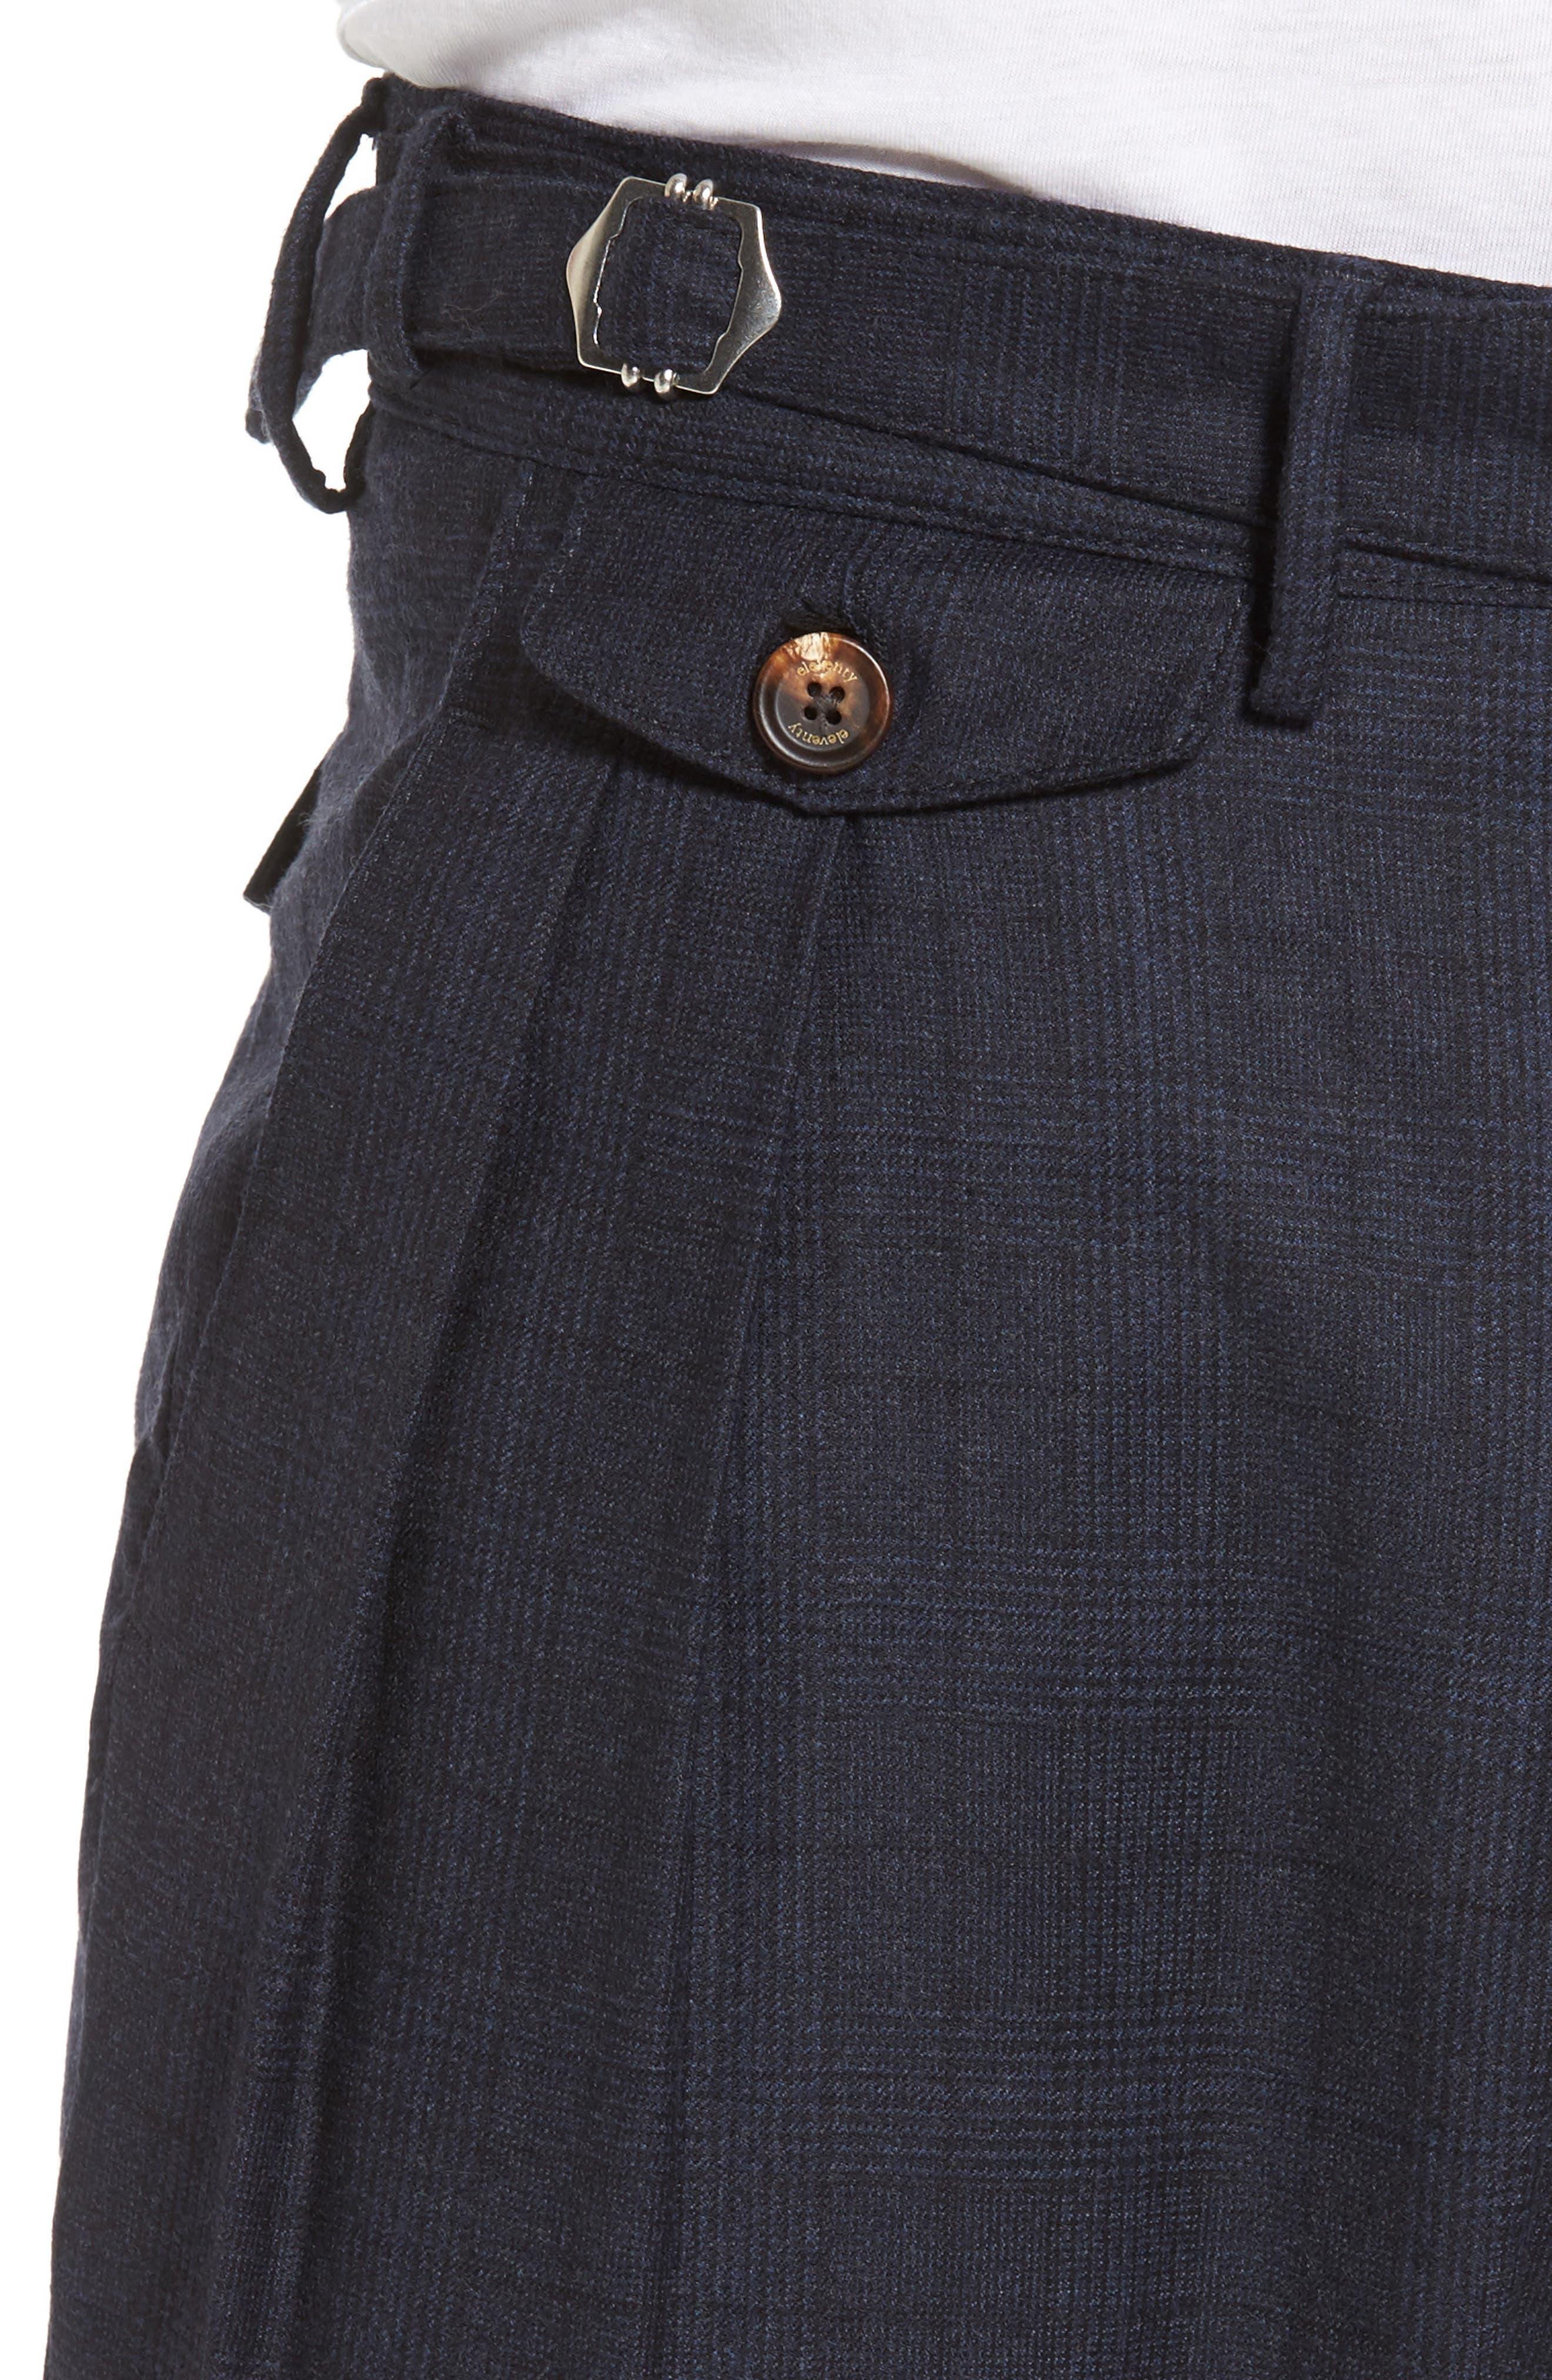 Glen Plaid Pleat Front Wool Pants,                             Alternate thumbnail 4, color,                             410